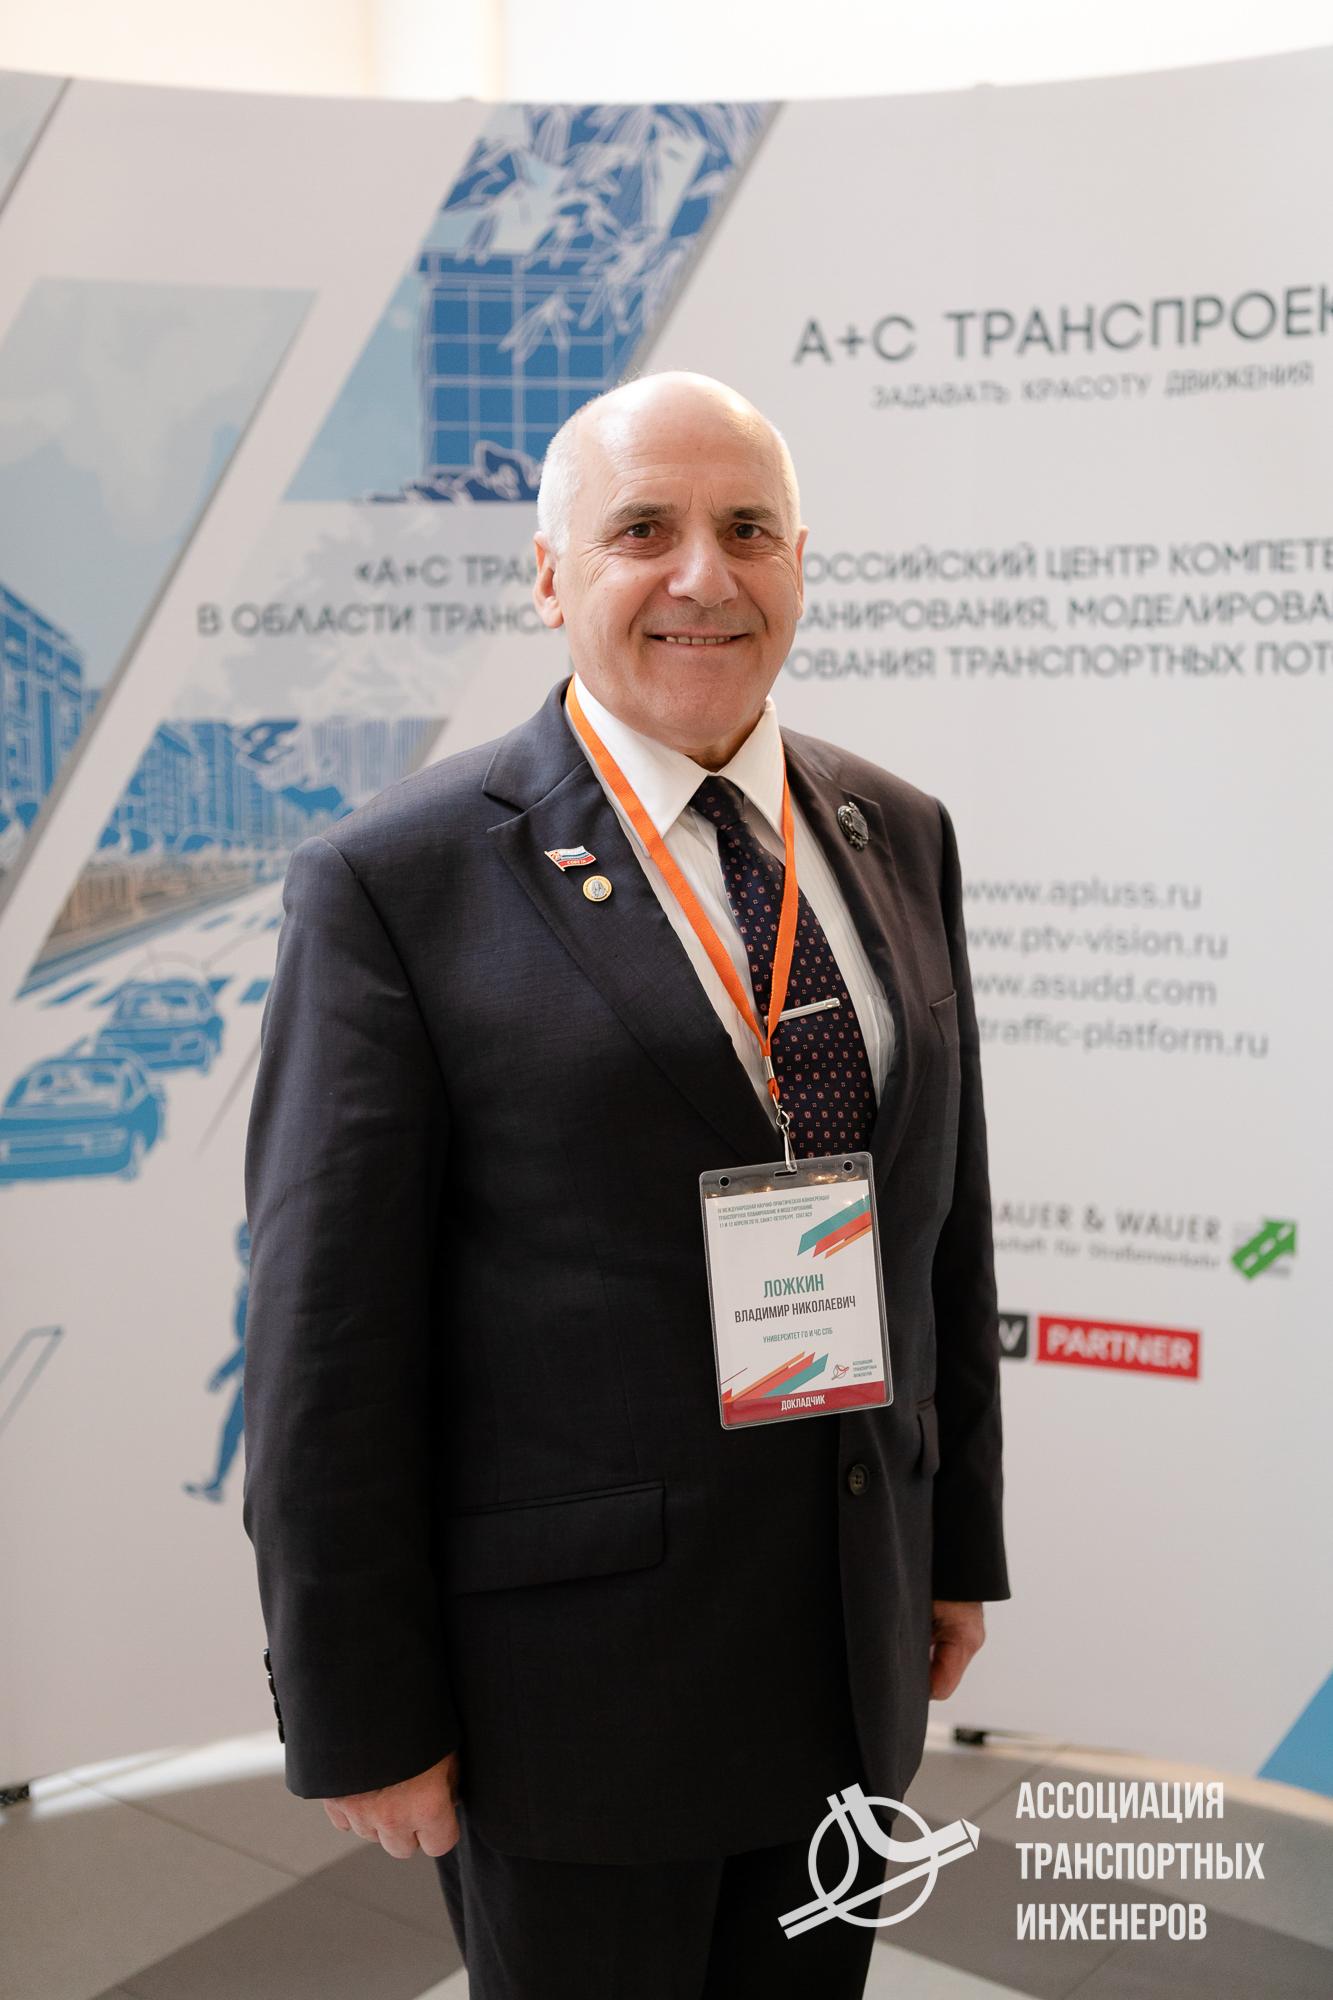 Конференция ТПиМ, 11 апреля 2019 (72)